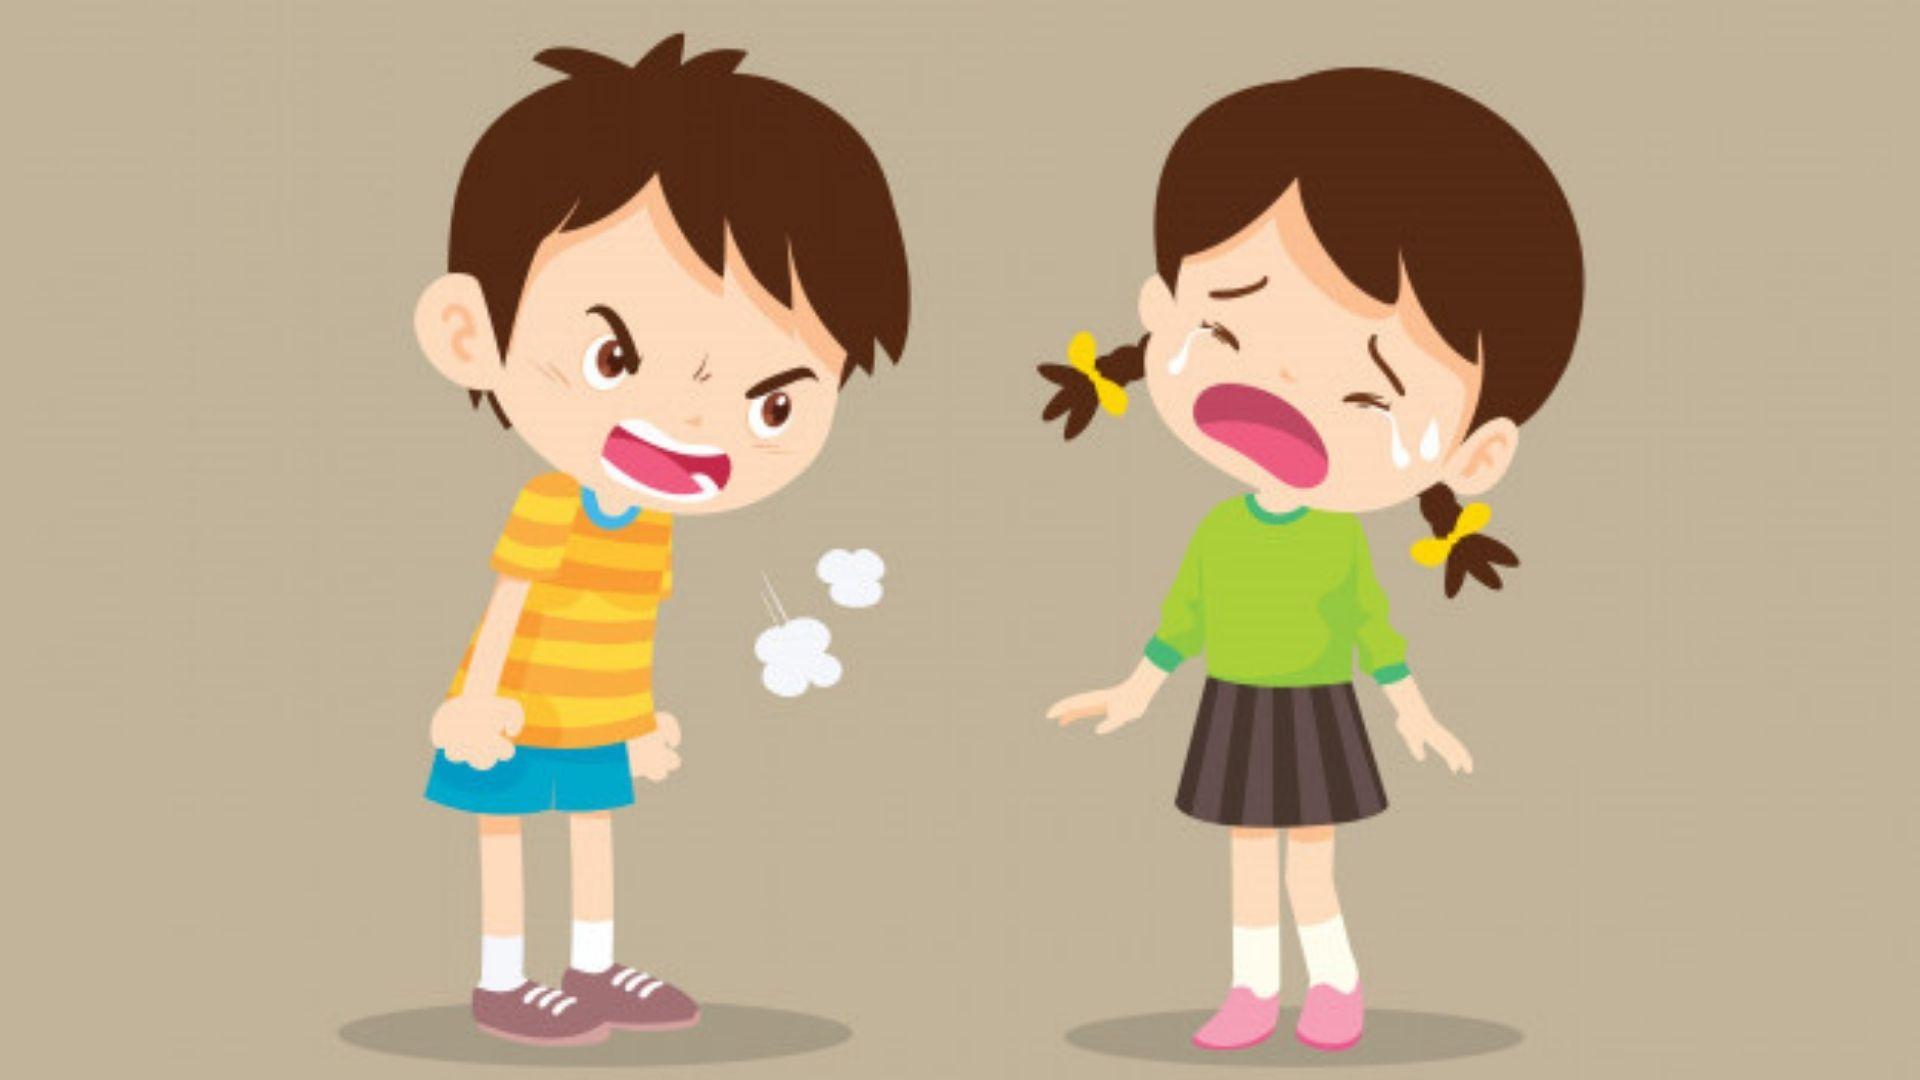 De ce nu vorbim despre emoțiile noastre ca părinți? Da, și furia este firească. 1